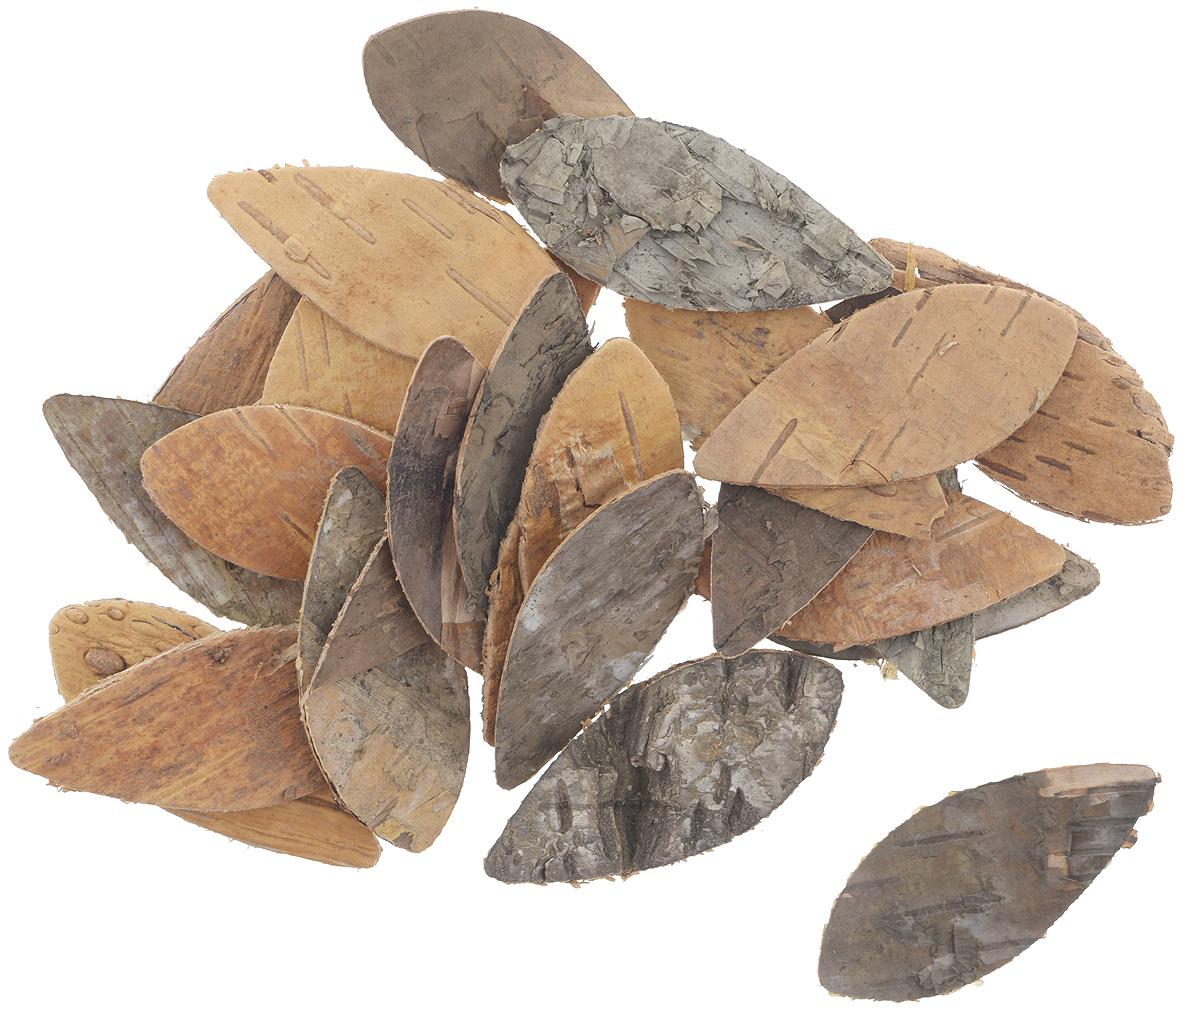 Декоративный элемент Dongjiang Art Лист, цвет: натуральное дерево, 30 шт7709015_нат/деревоДекоративный элемент Dongjiang Art Лист, изготовленный из натуральной коры дерева, предназначен для украшения цветочных композиций. Изделие можно также использовать в технике скрапбукинг и многом другом. Флористика - вид декоративно-прикладного искусства, который использует живые, засушенные или консервированные природные материалы для создания флористических работ. Это целый мир, в котором есть место строгому математическому расчету и вдохновению. Размеры одного элемента: 2 см х 5 см.